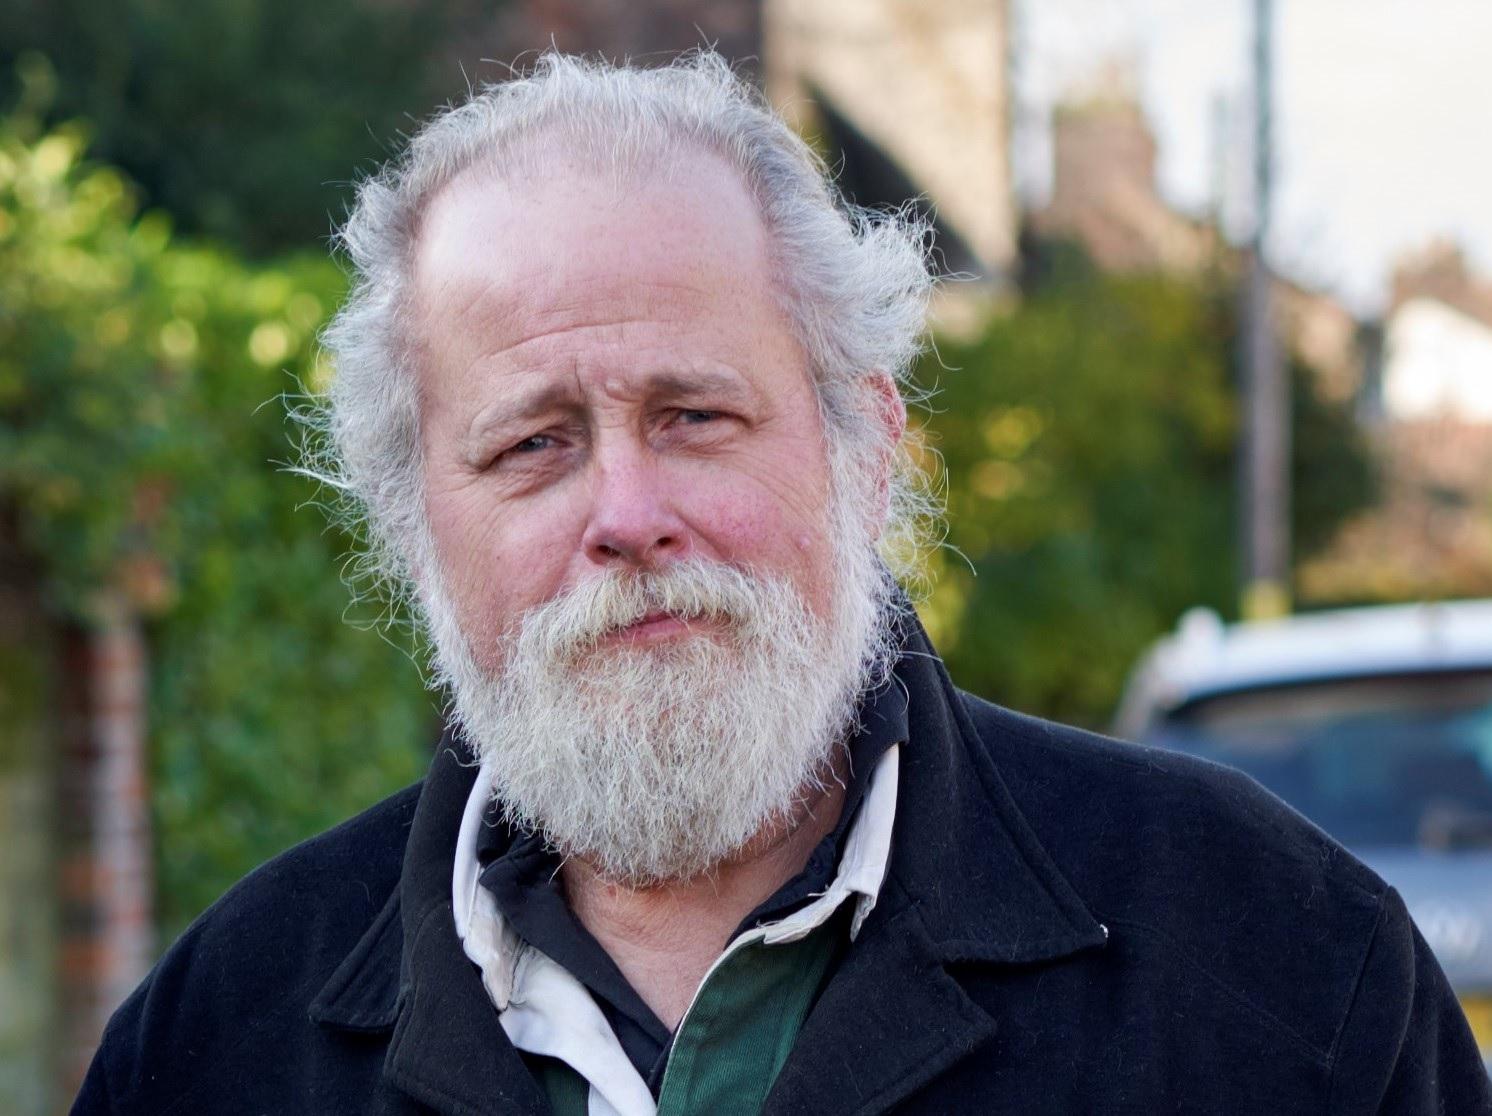 Harrogate Climate Coalition faces fresh criticism